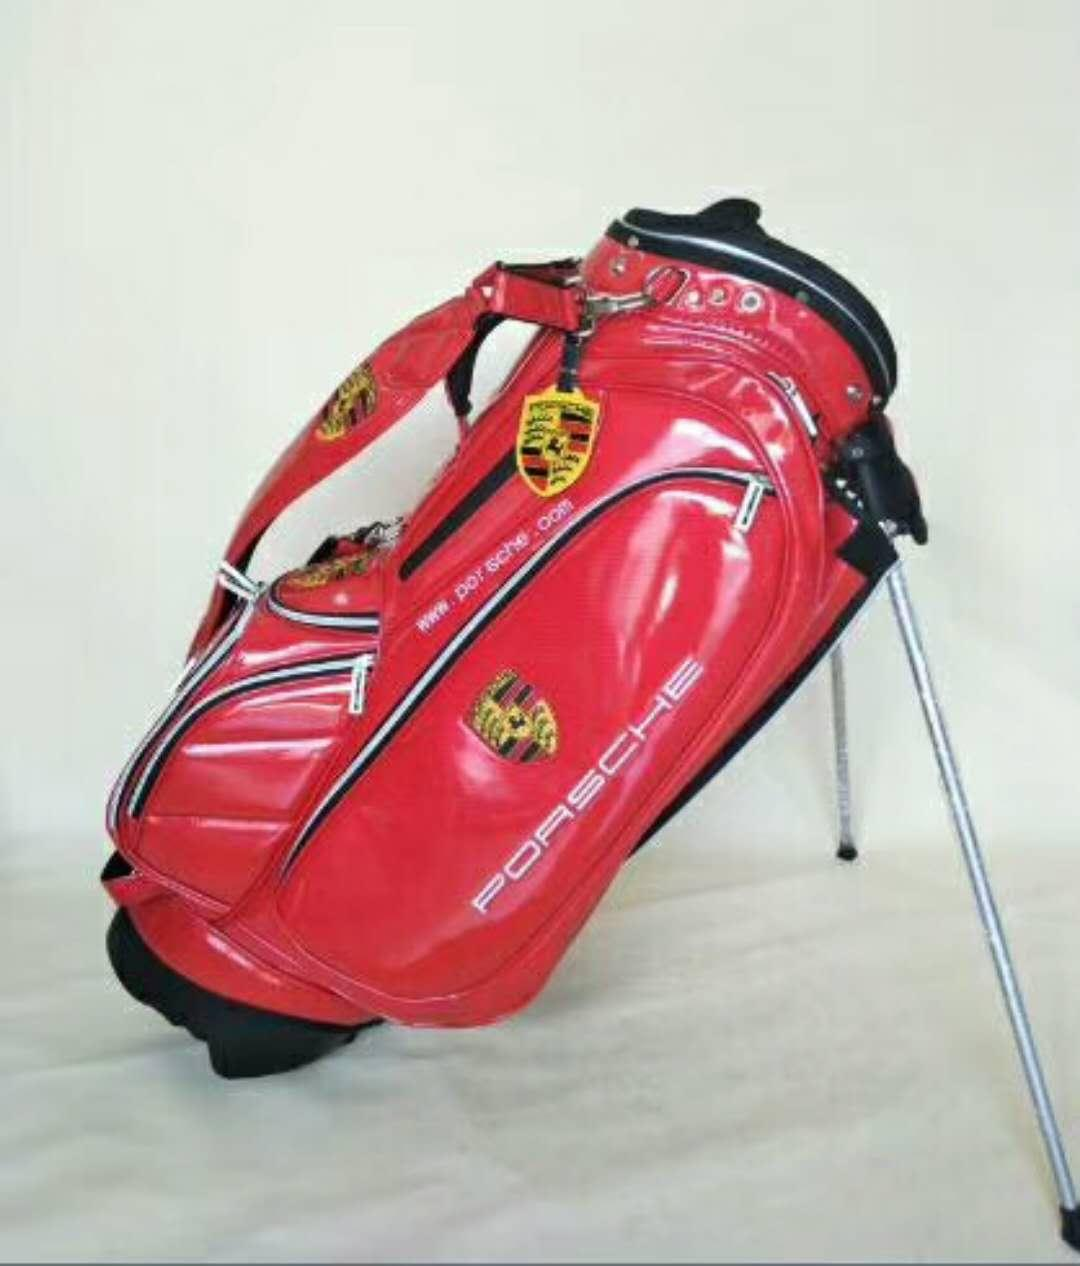 Porsche Golf Cart Bag- Red